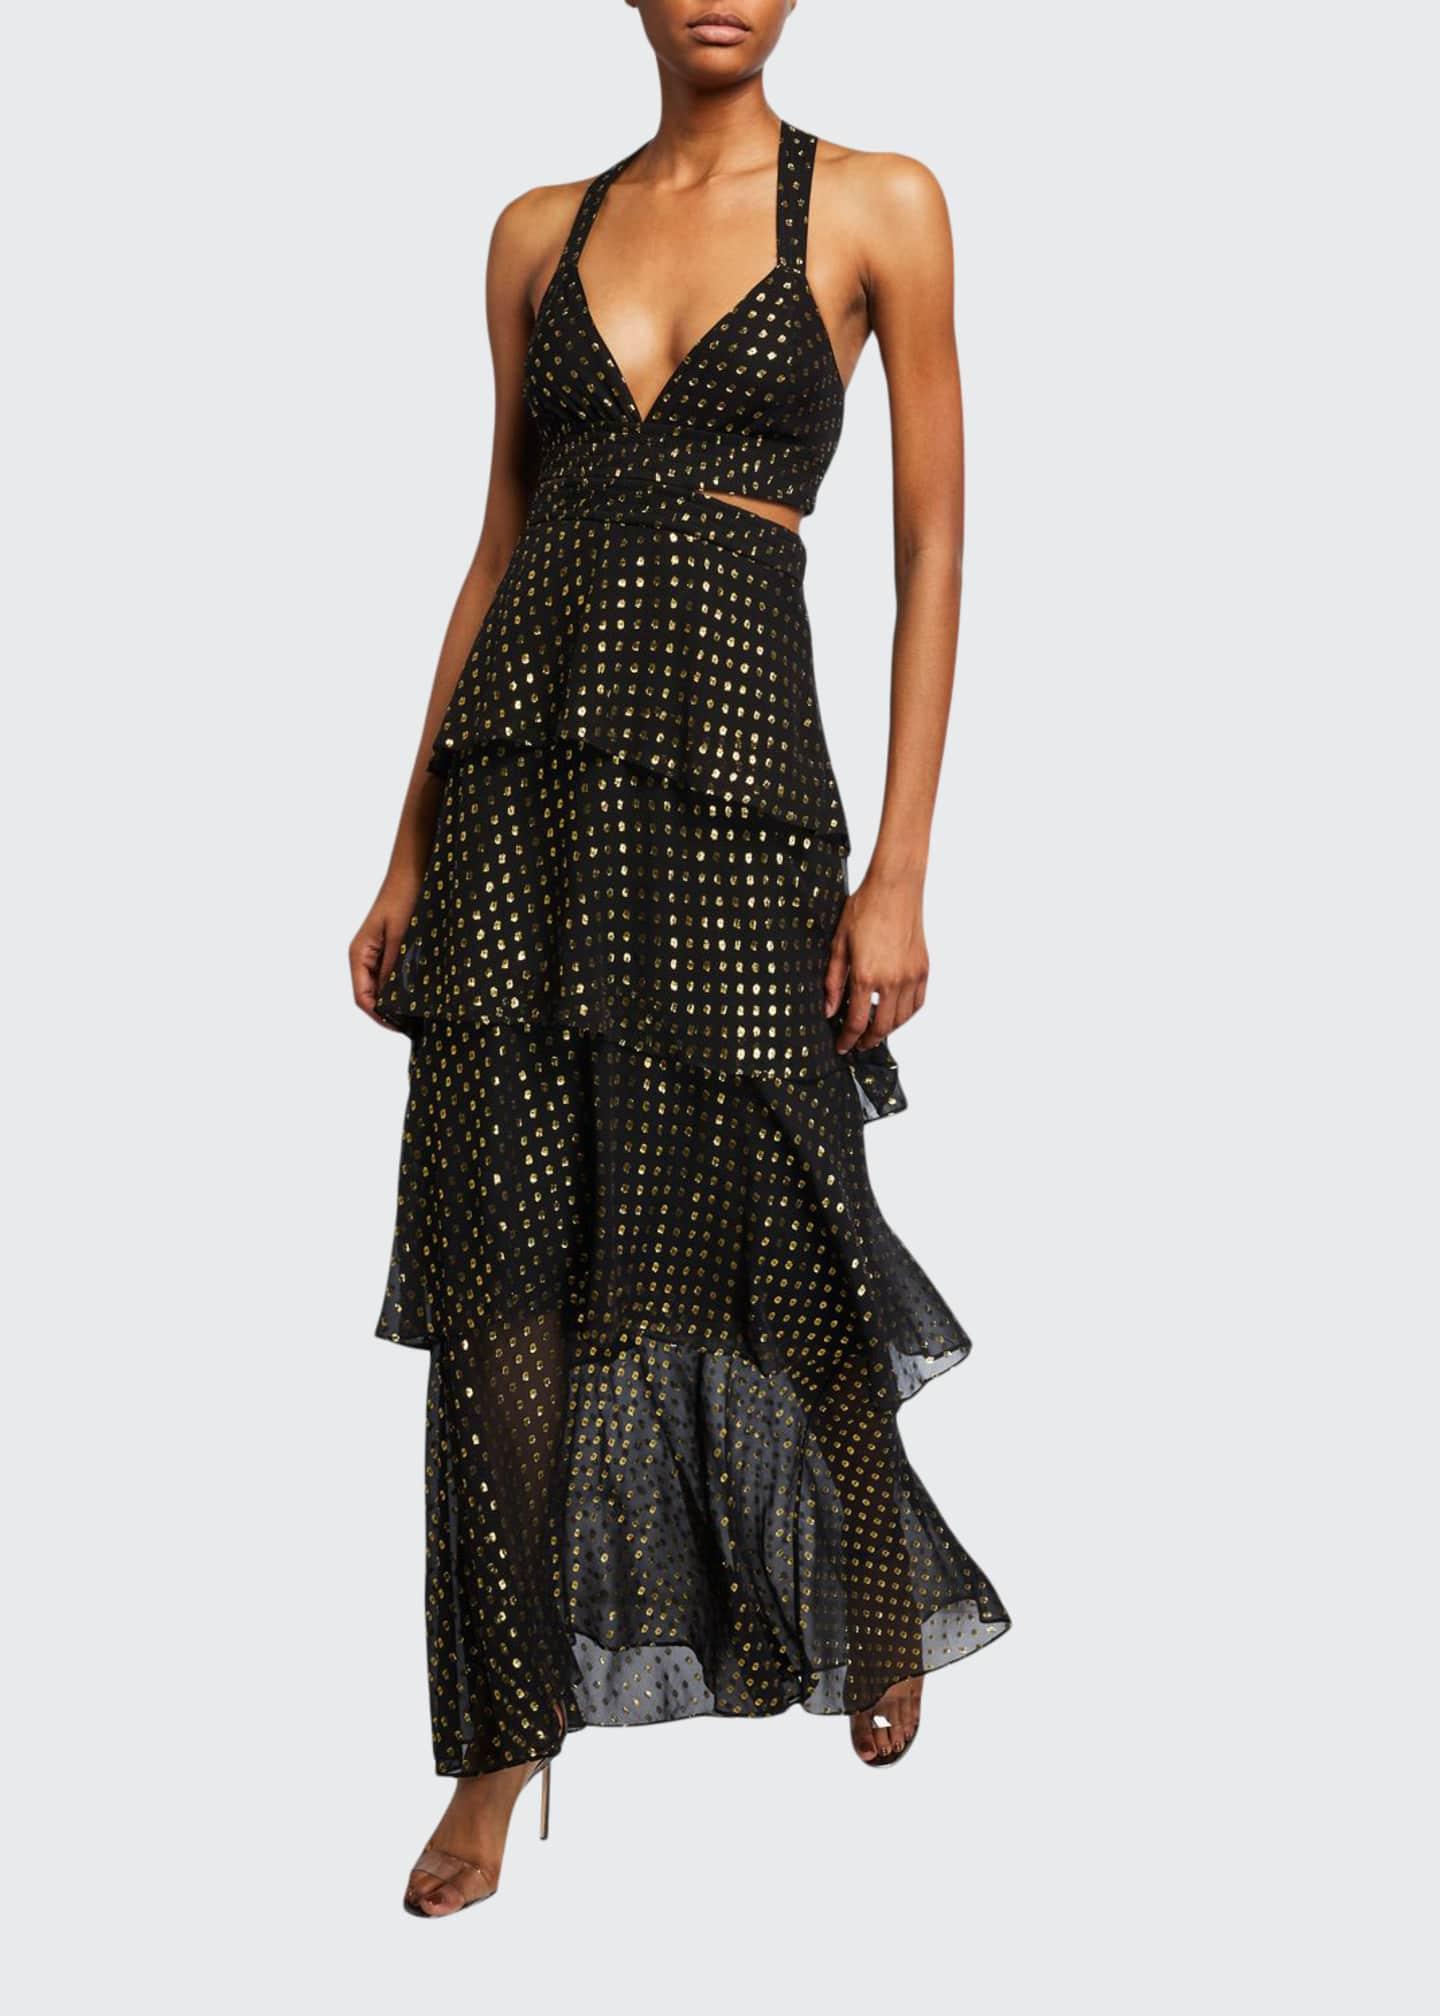 A.L.C. Lita Metallic Tiered Cocktail Dress